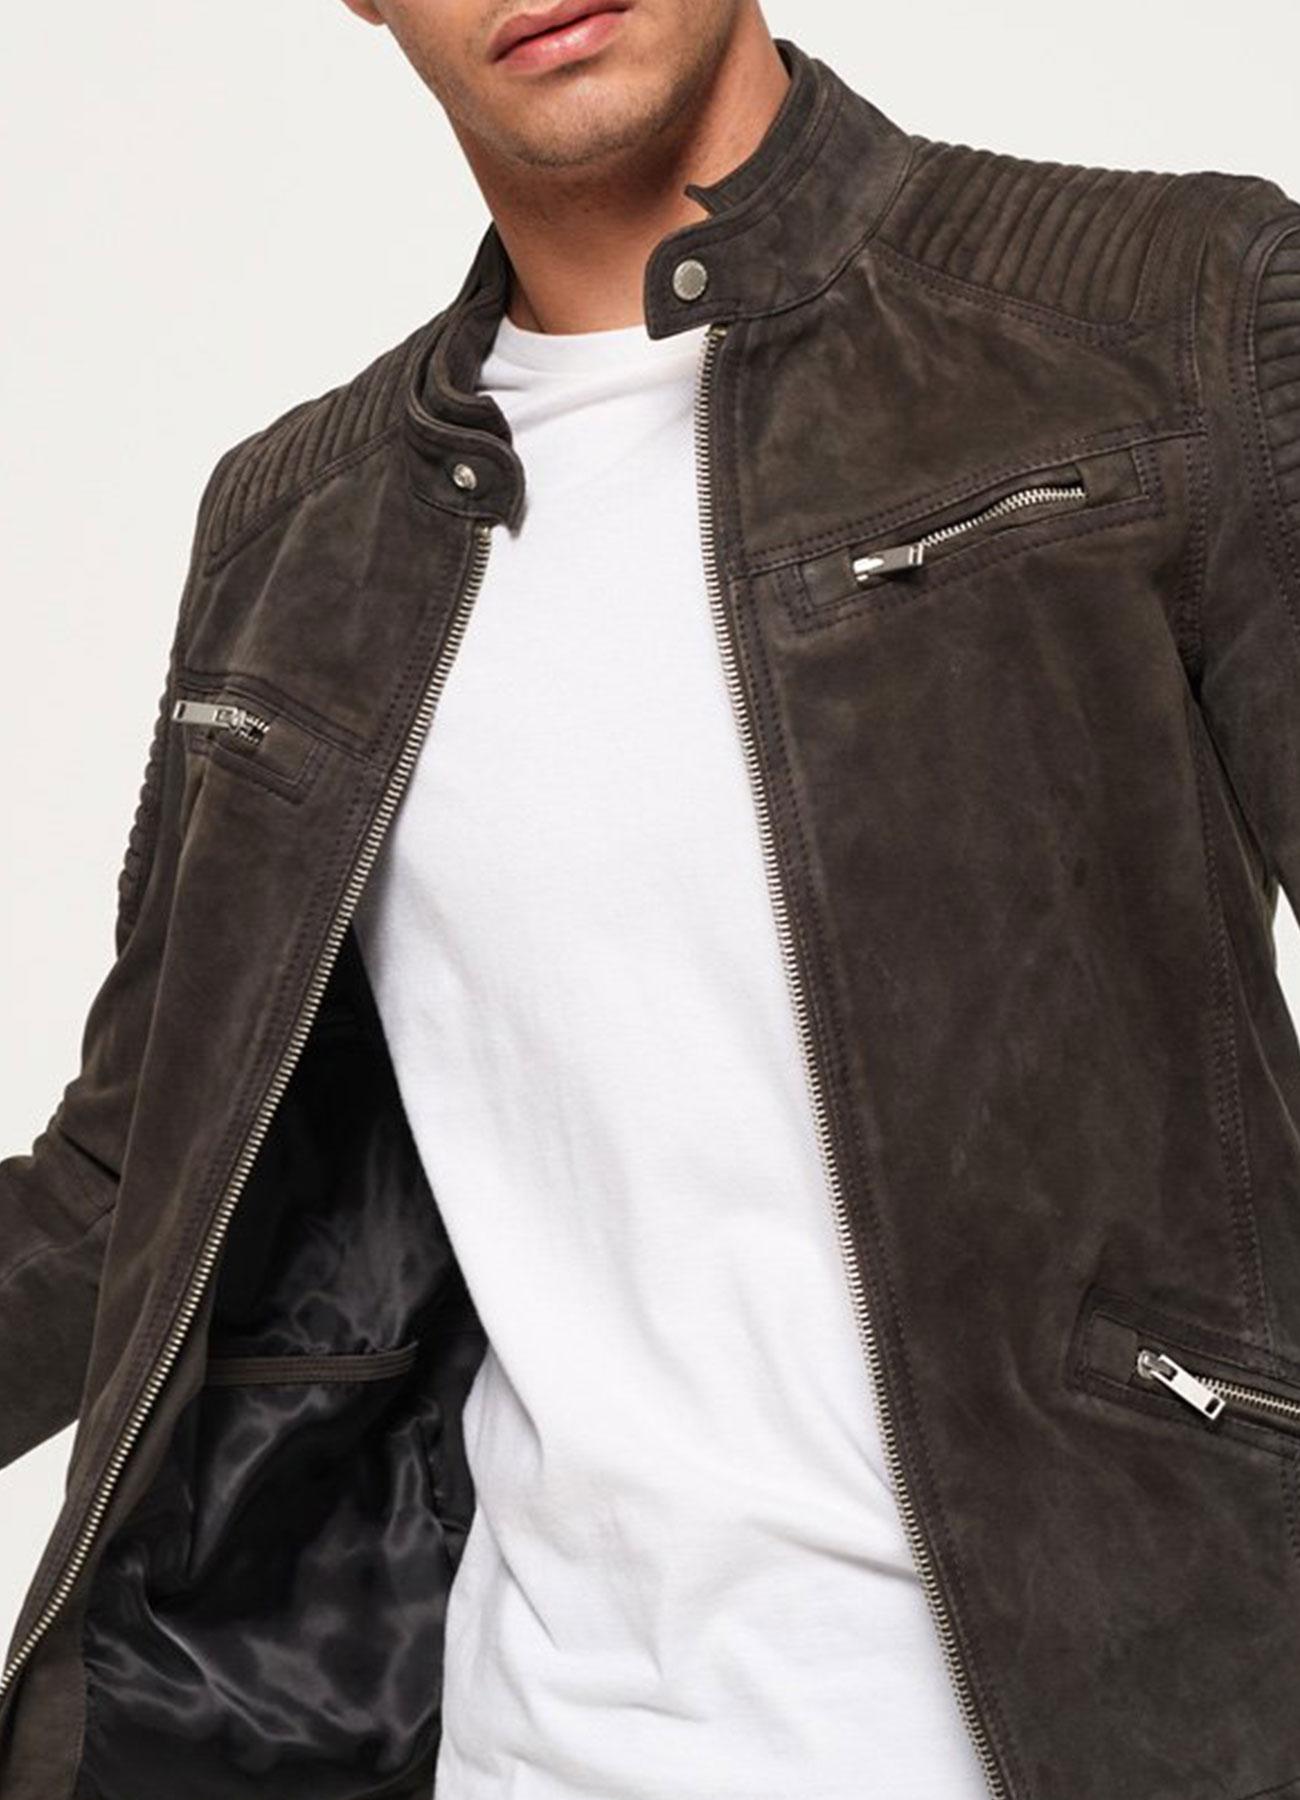 Men's Premium Grey Suede Leather Racer Jacket